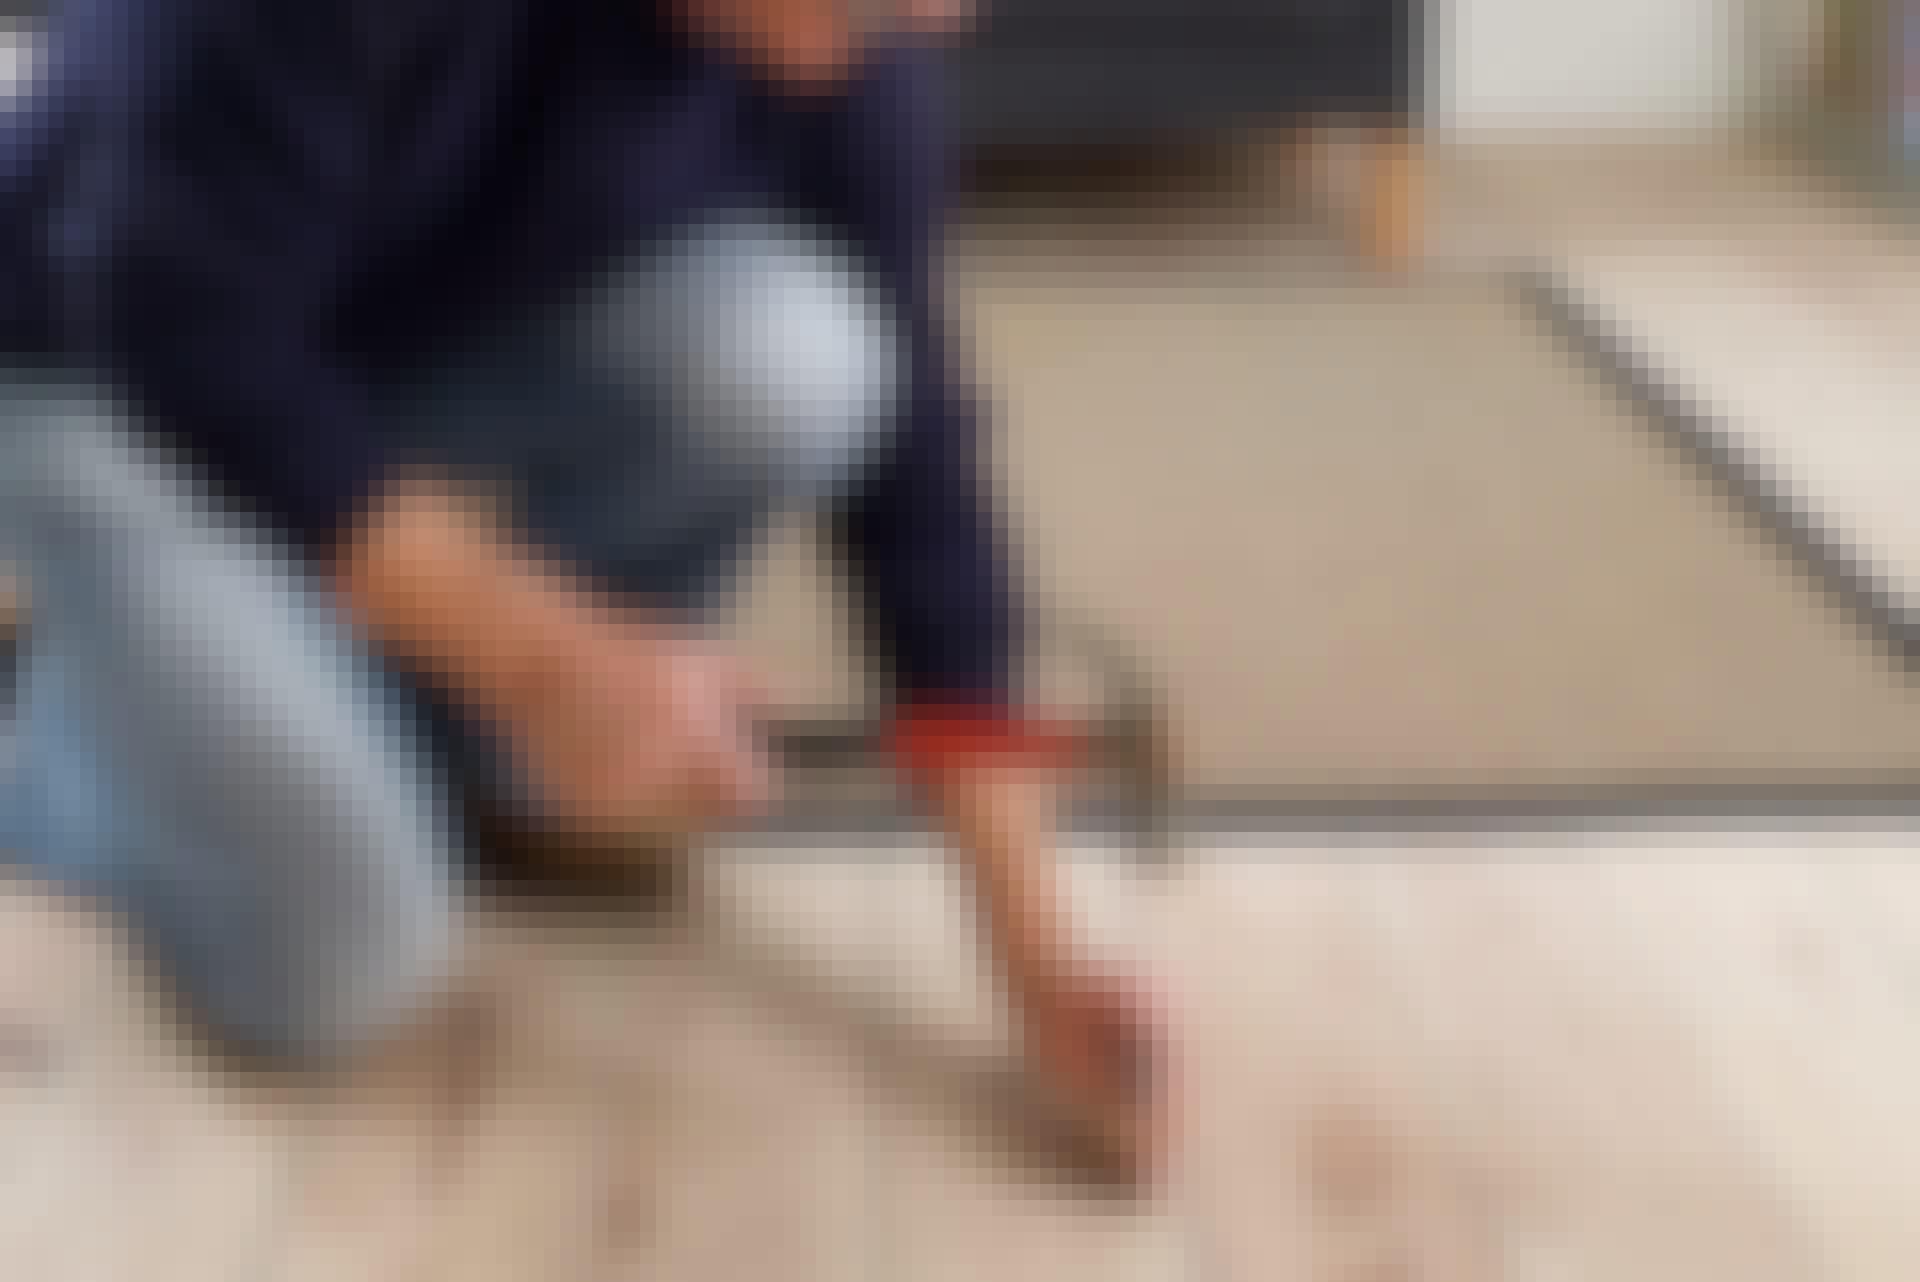 Et knirkende gulvbræt skyldes som regel, at der er opstået en svindrevne i den underliggende bjælke eller strø, hvad der betyder, at et eller flere søm sidder løst. Eftersom sådan en revne næsten altid kommer i midten af bjælken, og gulvet ofte er sømmet netop i midten, kan det forklare mange knirkende fodtrin.